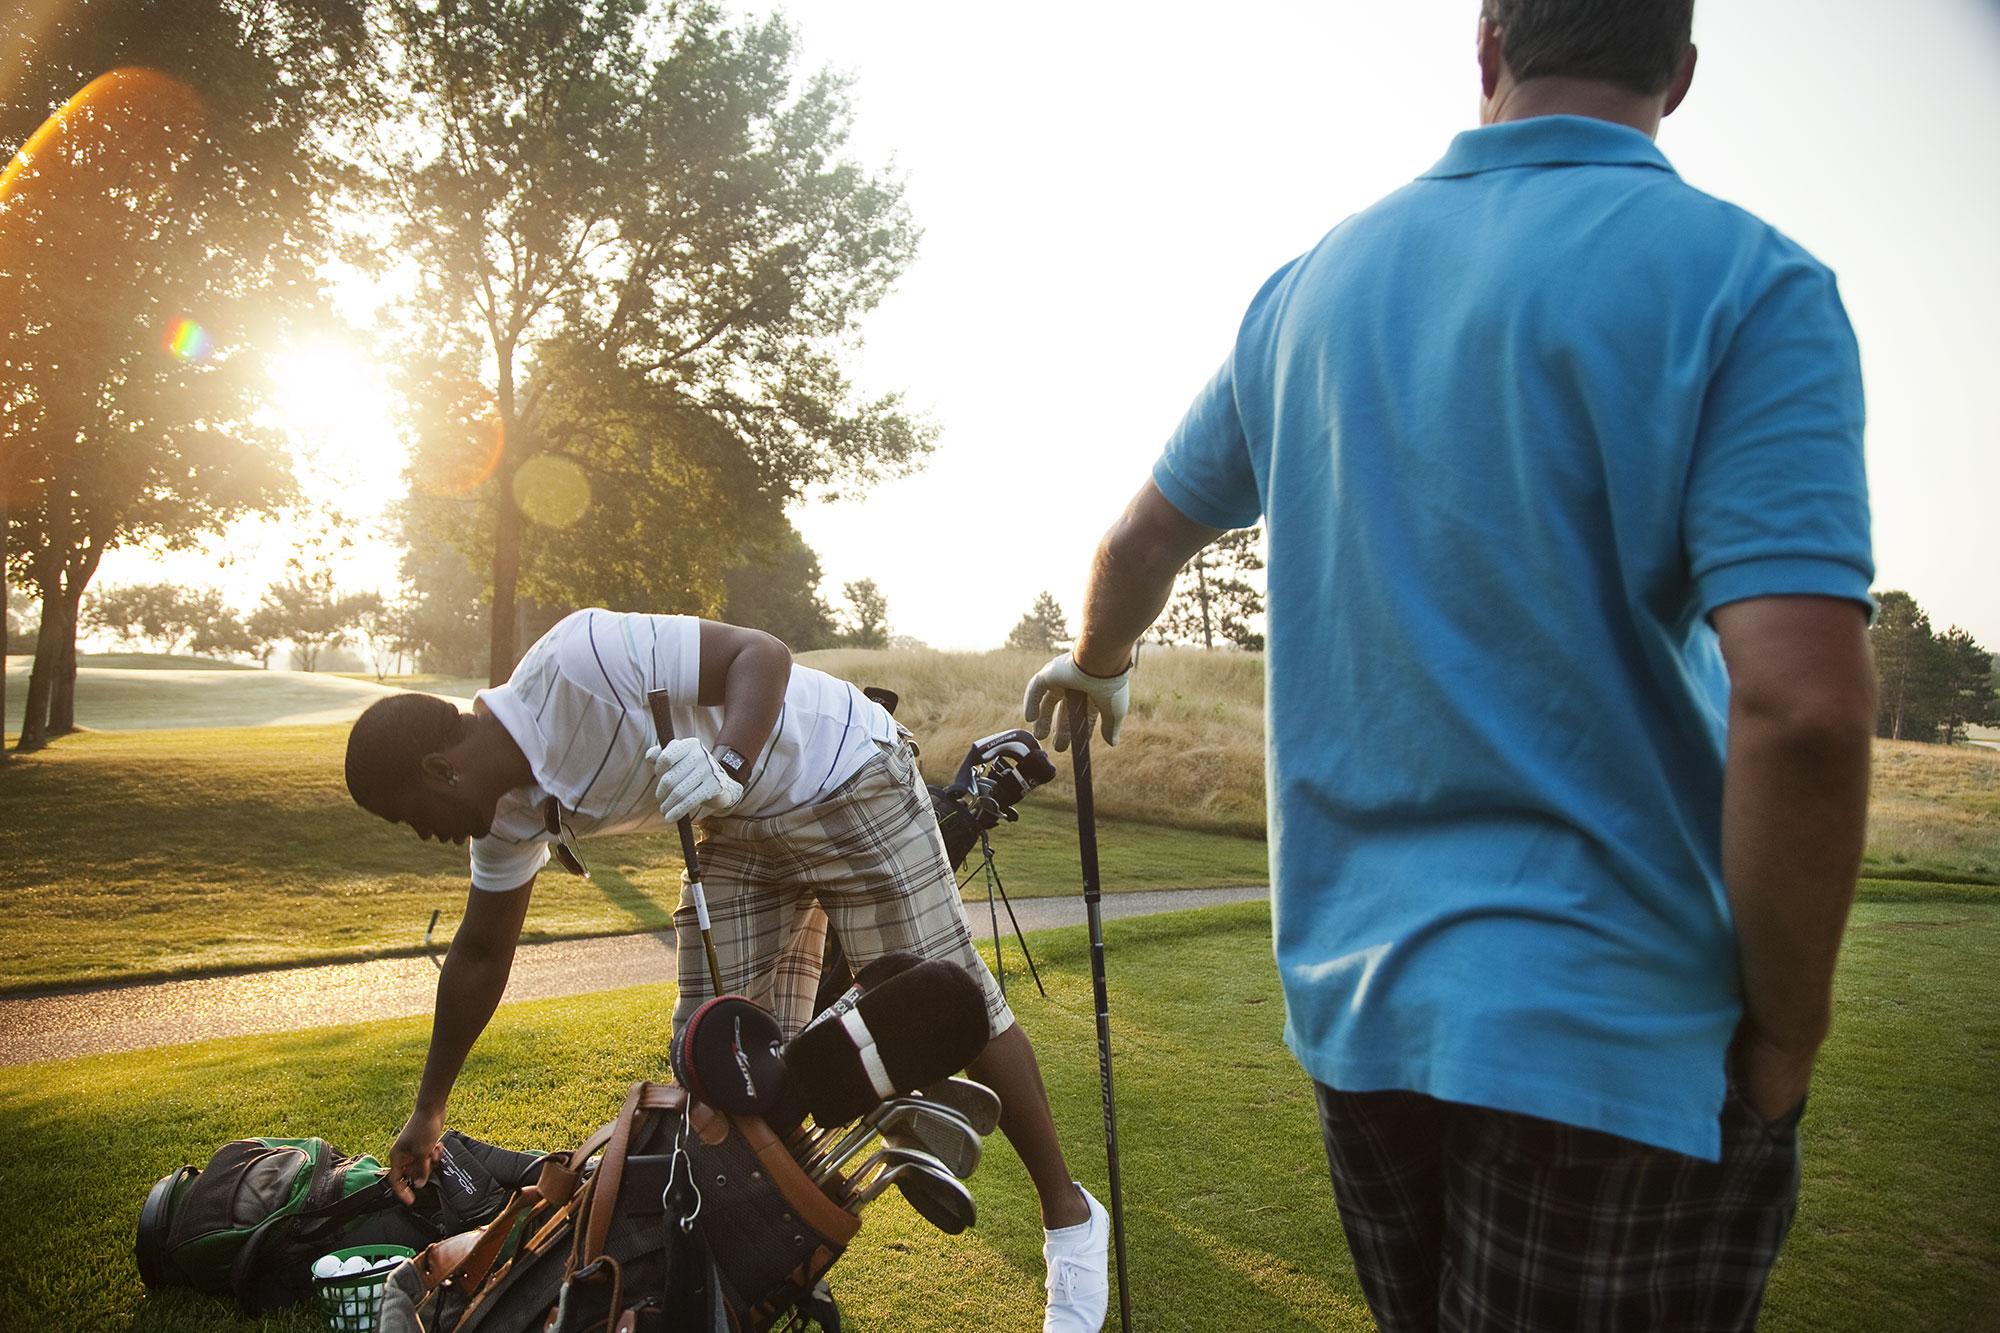 017-LIFE_golf-test_0107.jpg